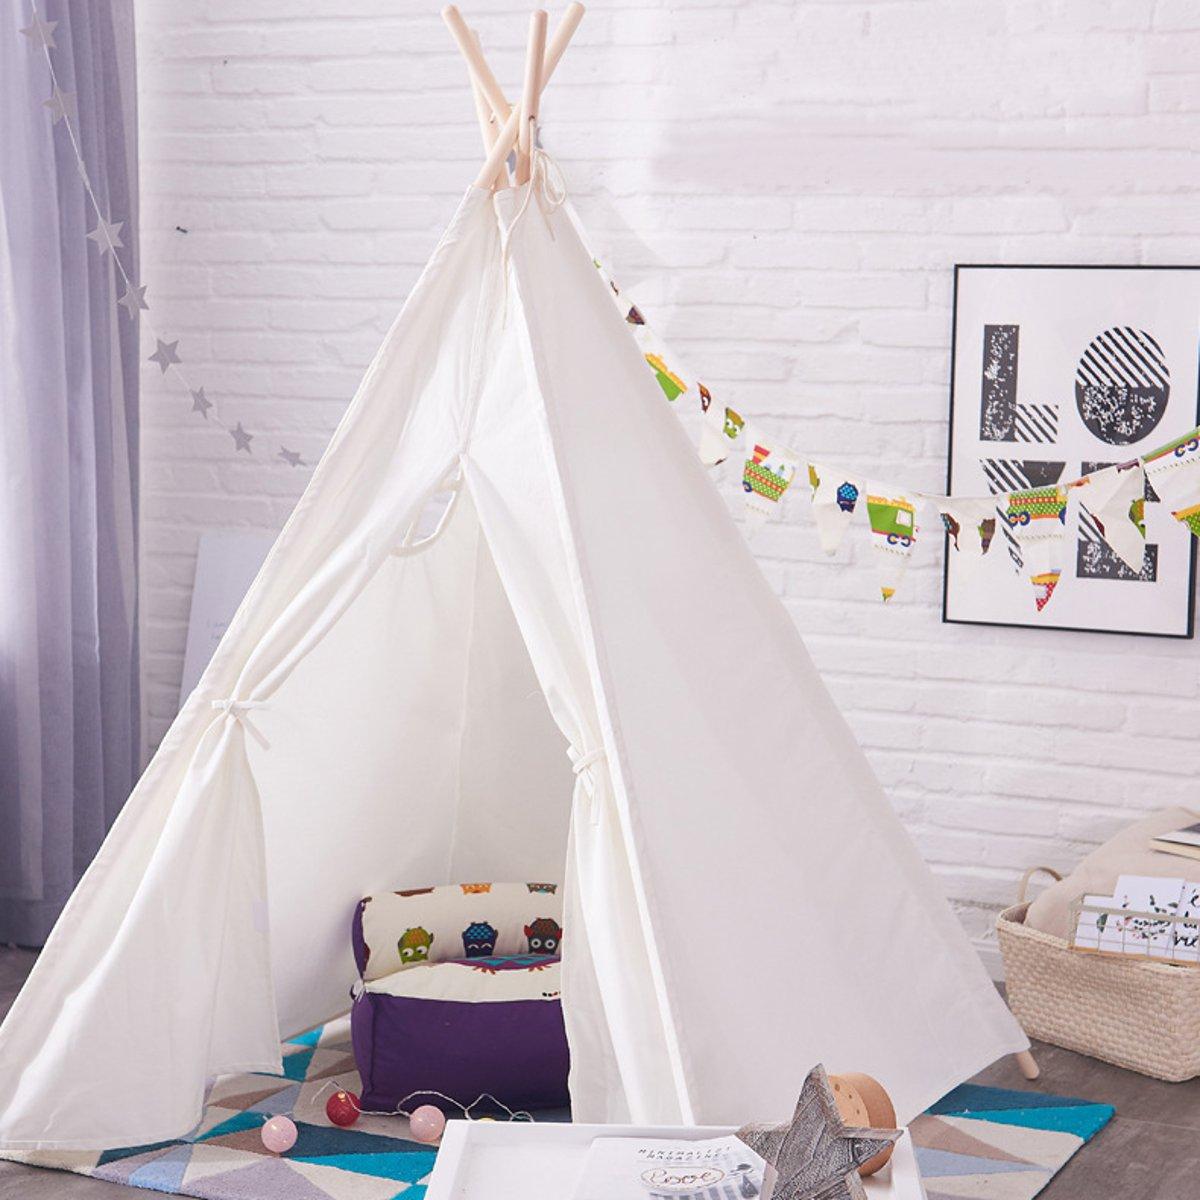 120x120x150 cm blanc toile enfant tipi Portable pliant extérieur château tente indien Triangle tente enfants maison jeu jouet tente